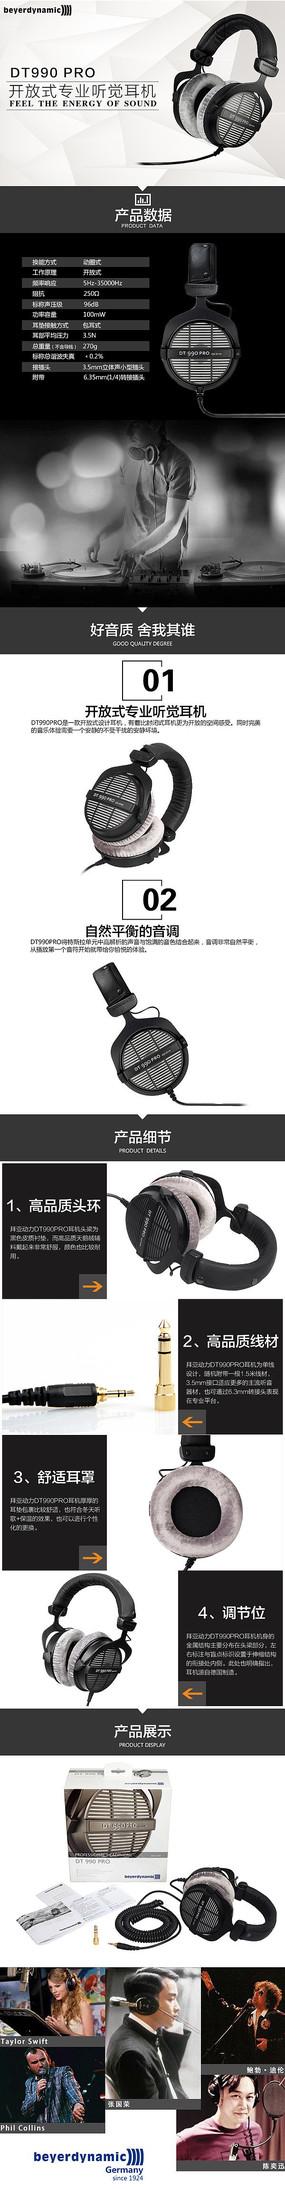 黑酷品牌耳机详情